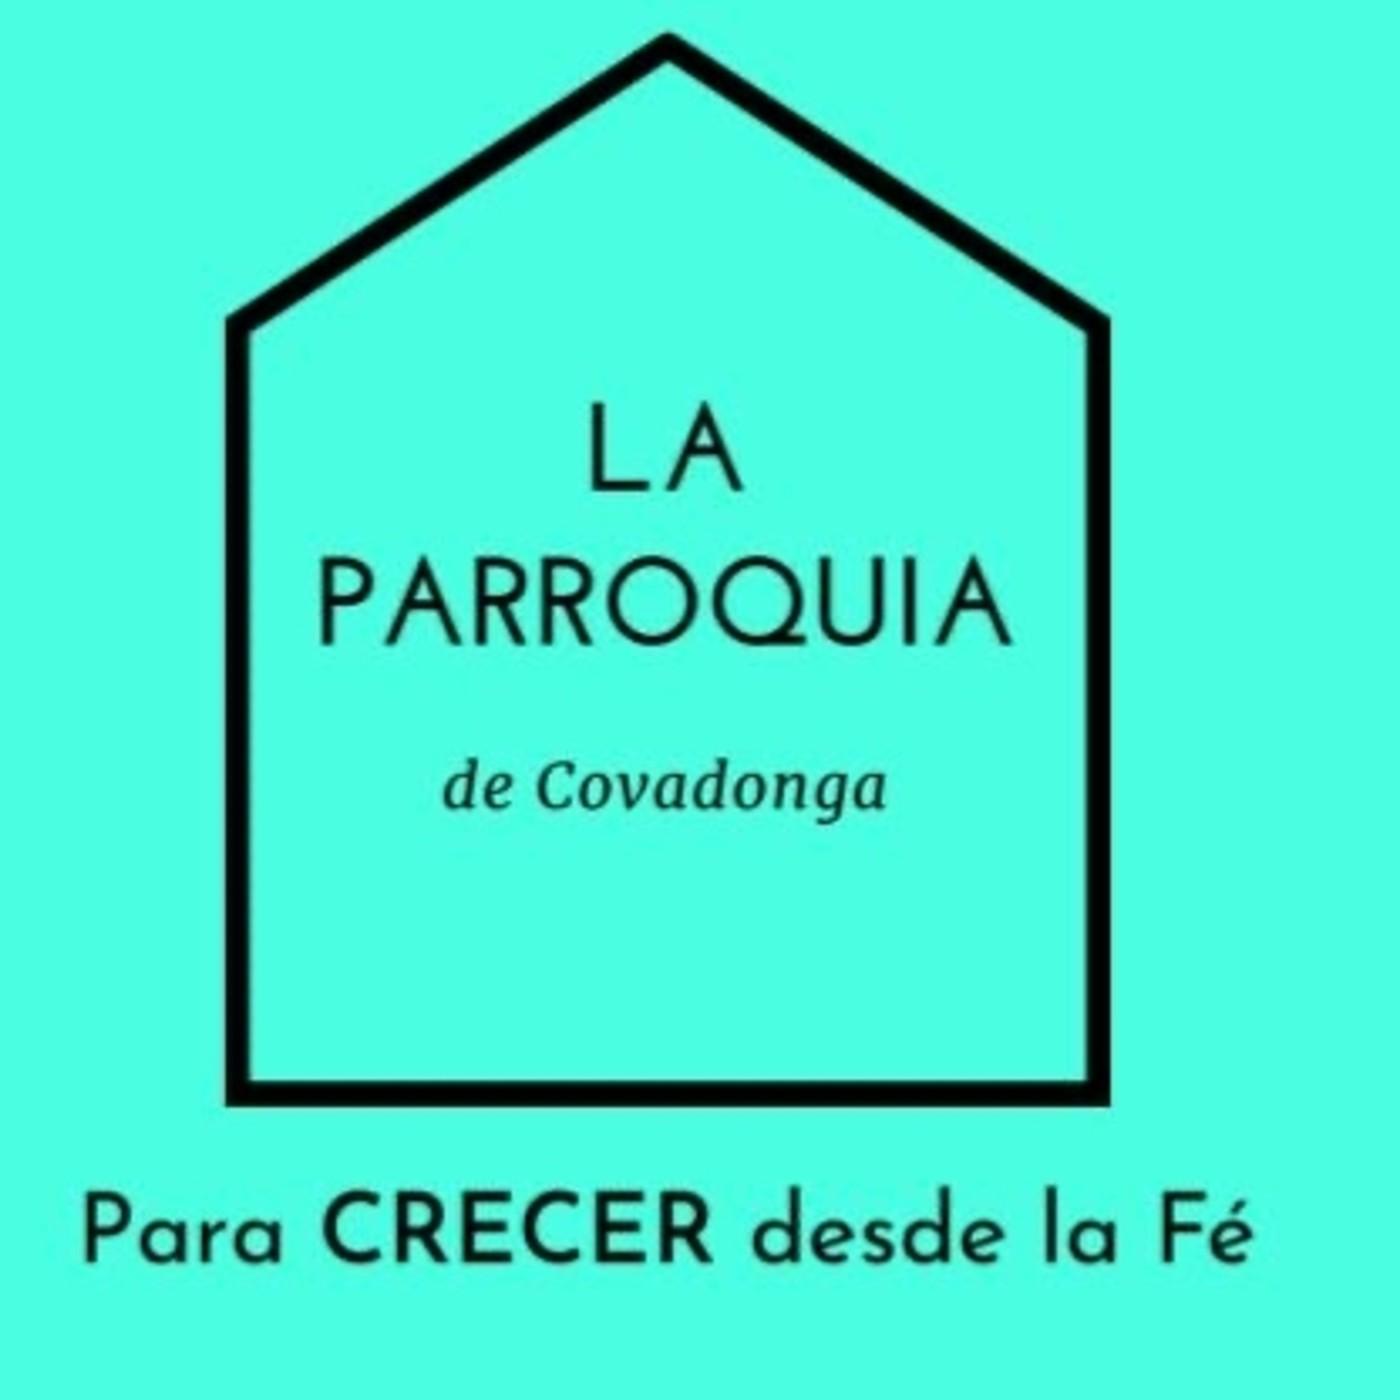 la parroquia de Covadonga